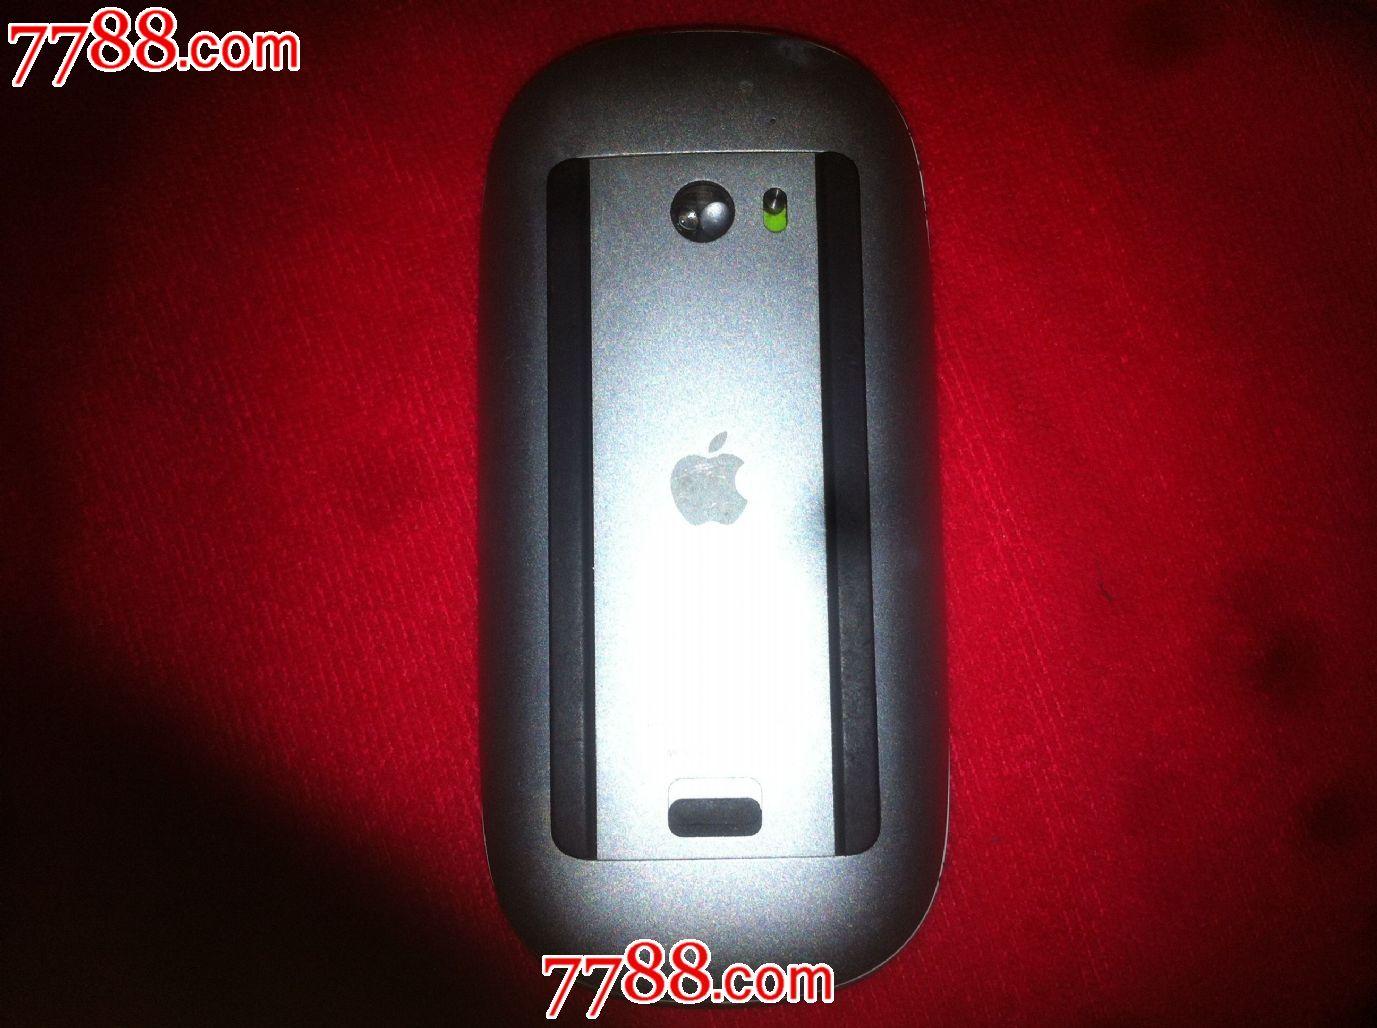 产品名称:Apple/苹果MagicMouse...品牌:Apple/苹果苹果无线型号:MB829ZM/A颜色分类:全新散装无线距离:15m无线技术:蓝牙工作方式:激光光学分辨率:5000dpi是否支持人体工程学:支持成色:8成新